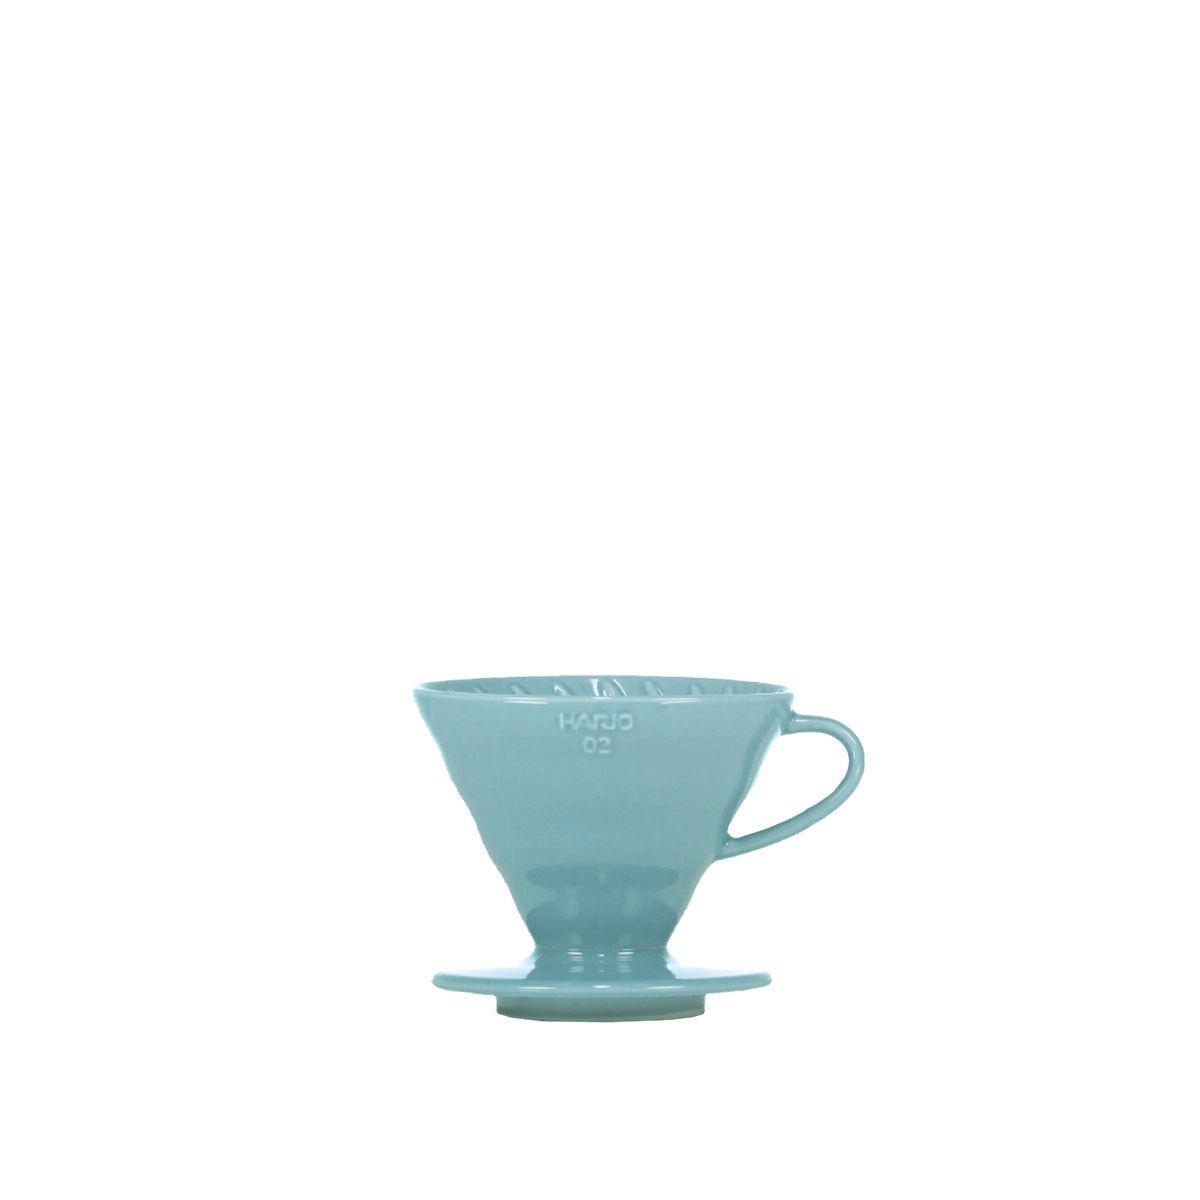 V60 Dripper Hario Porzellan [3/4 Tassen] - Türkisblau